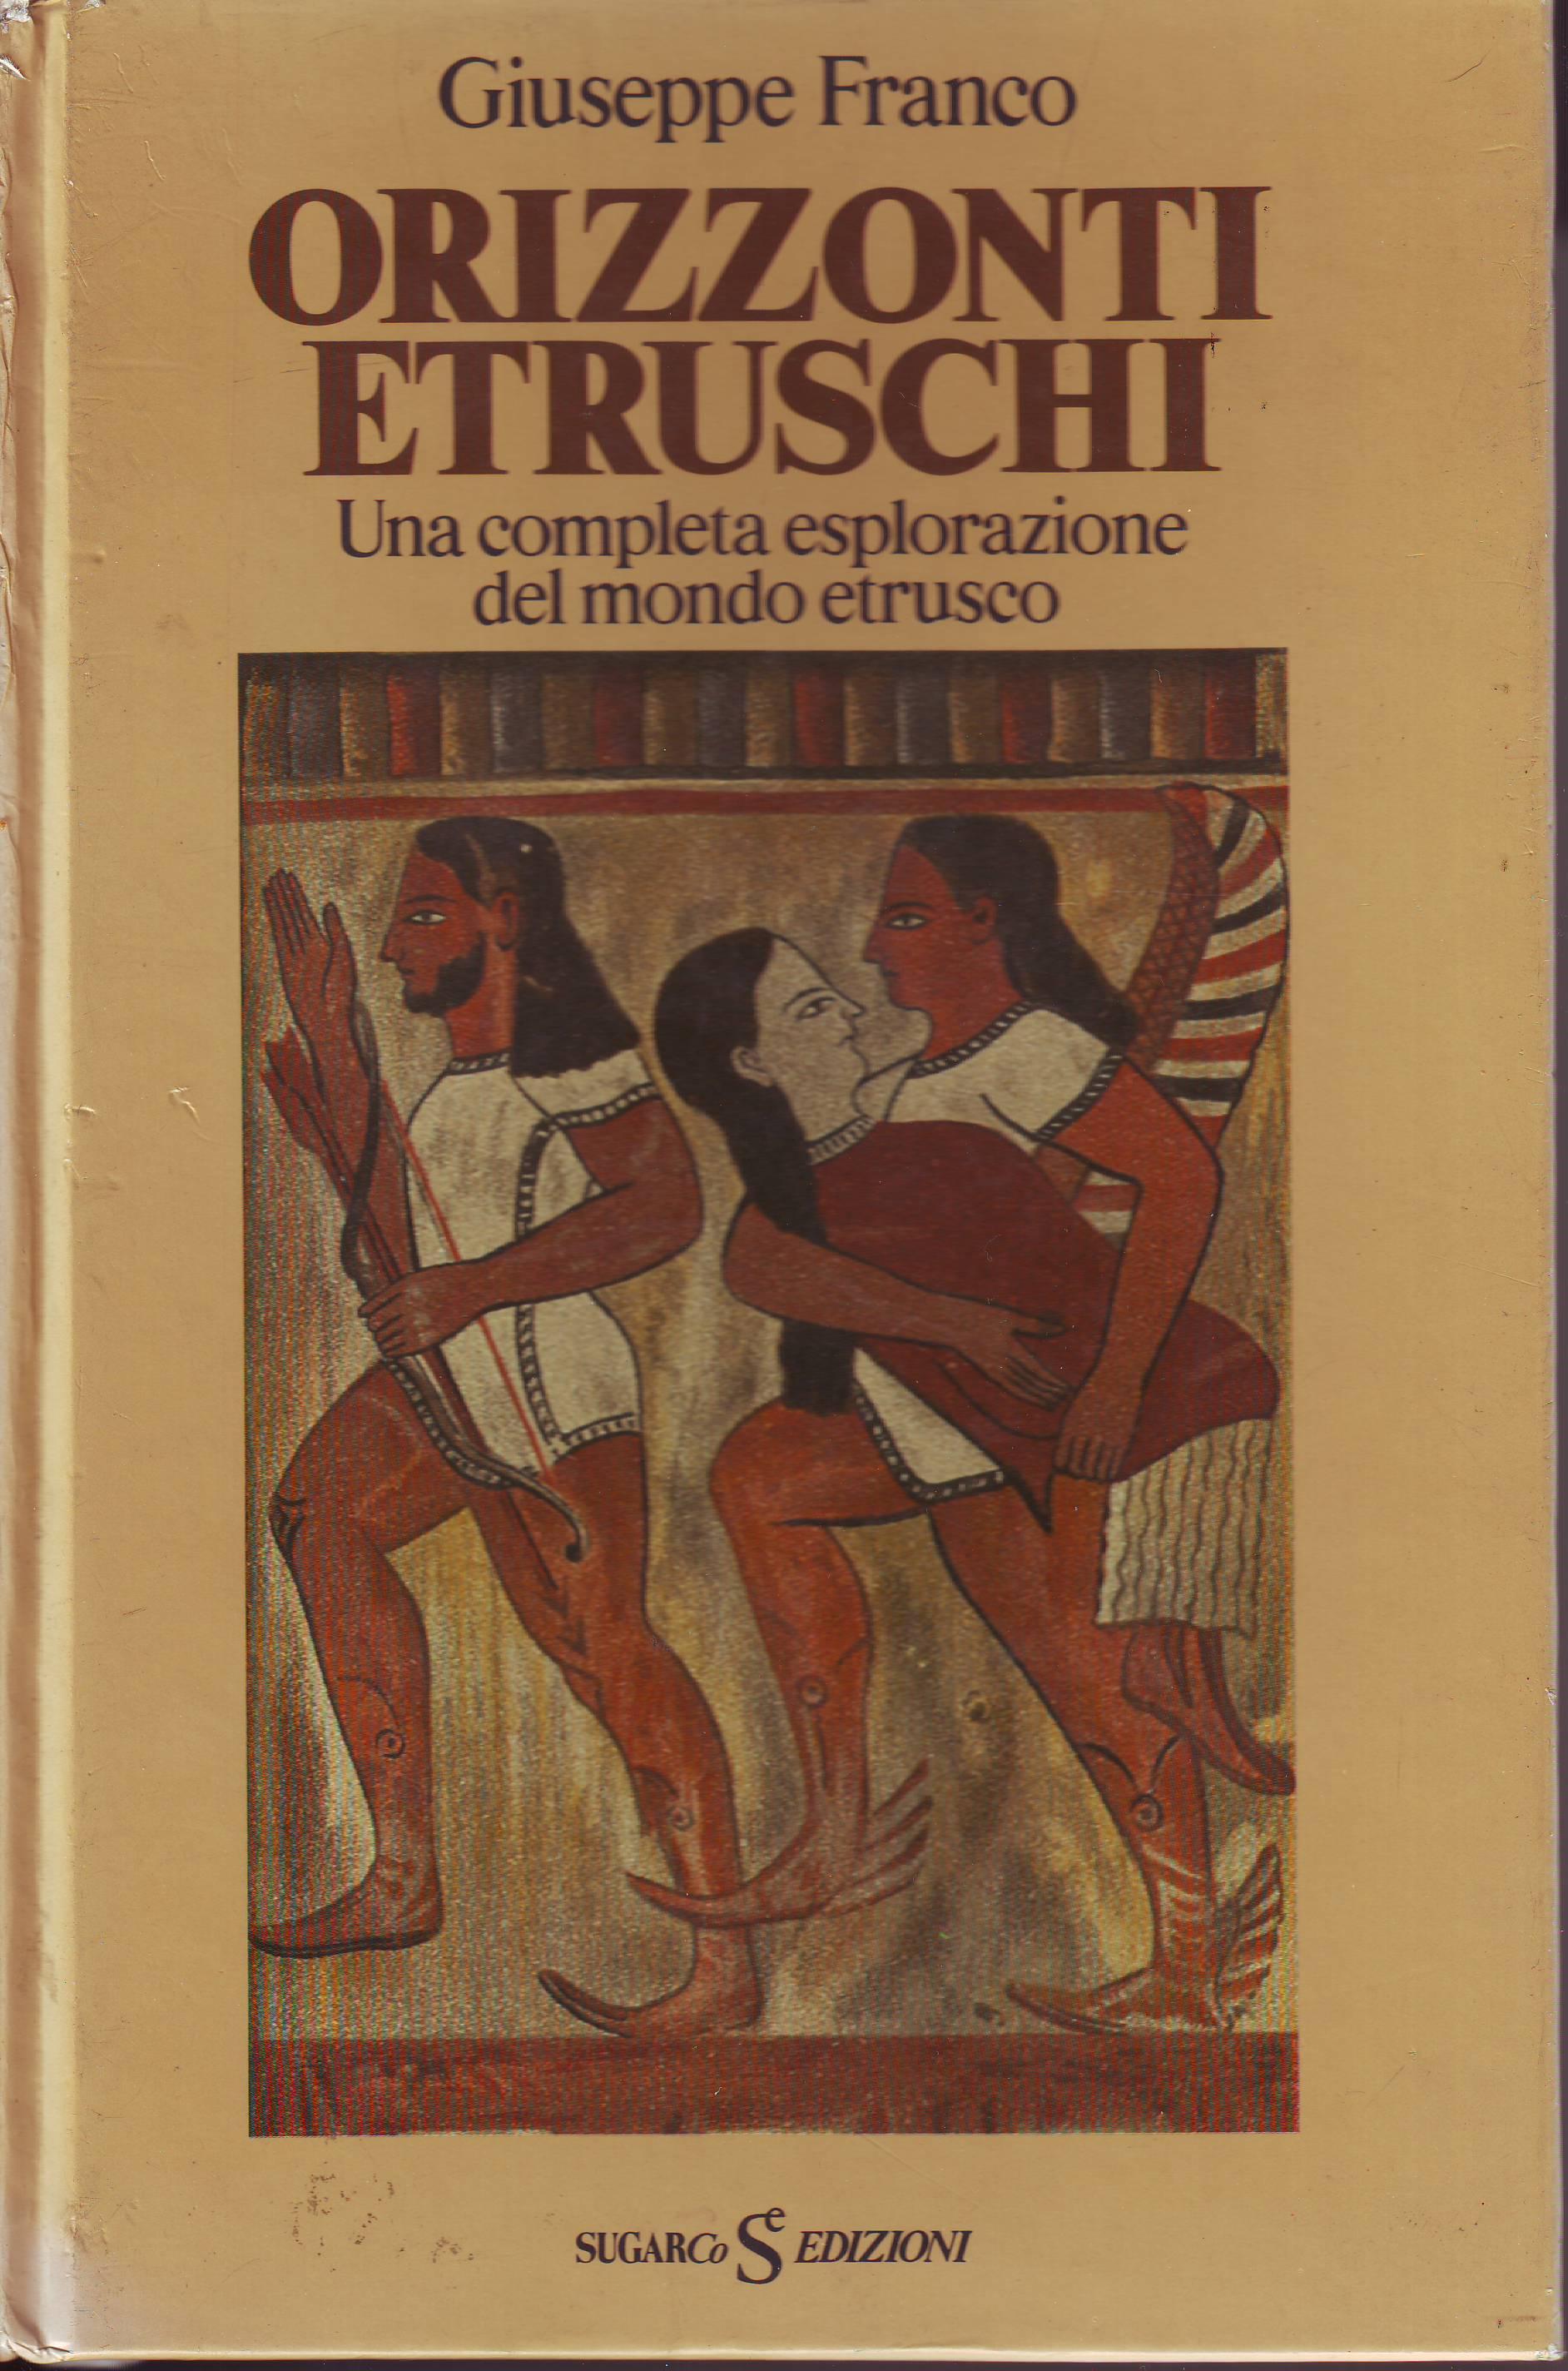 Orizzonti etruschi